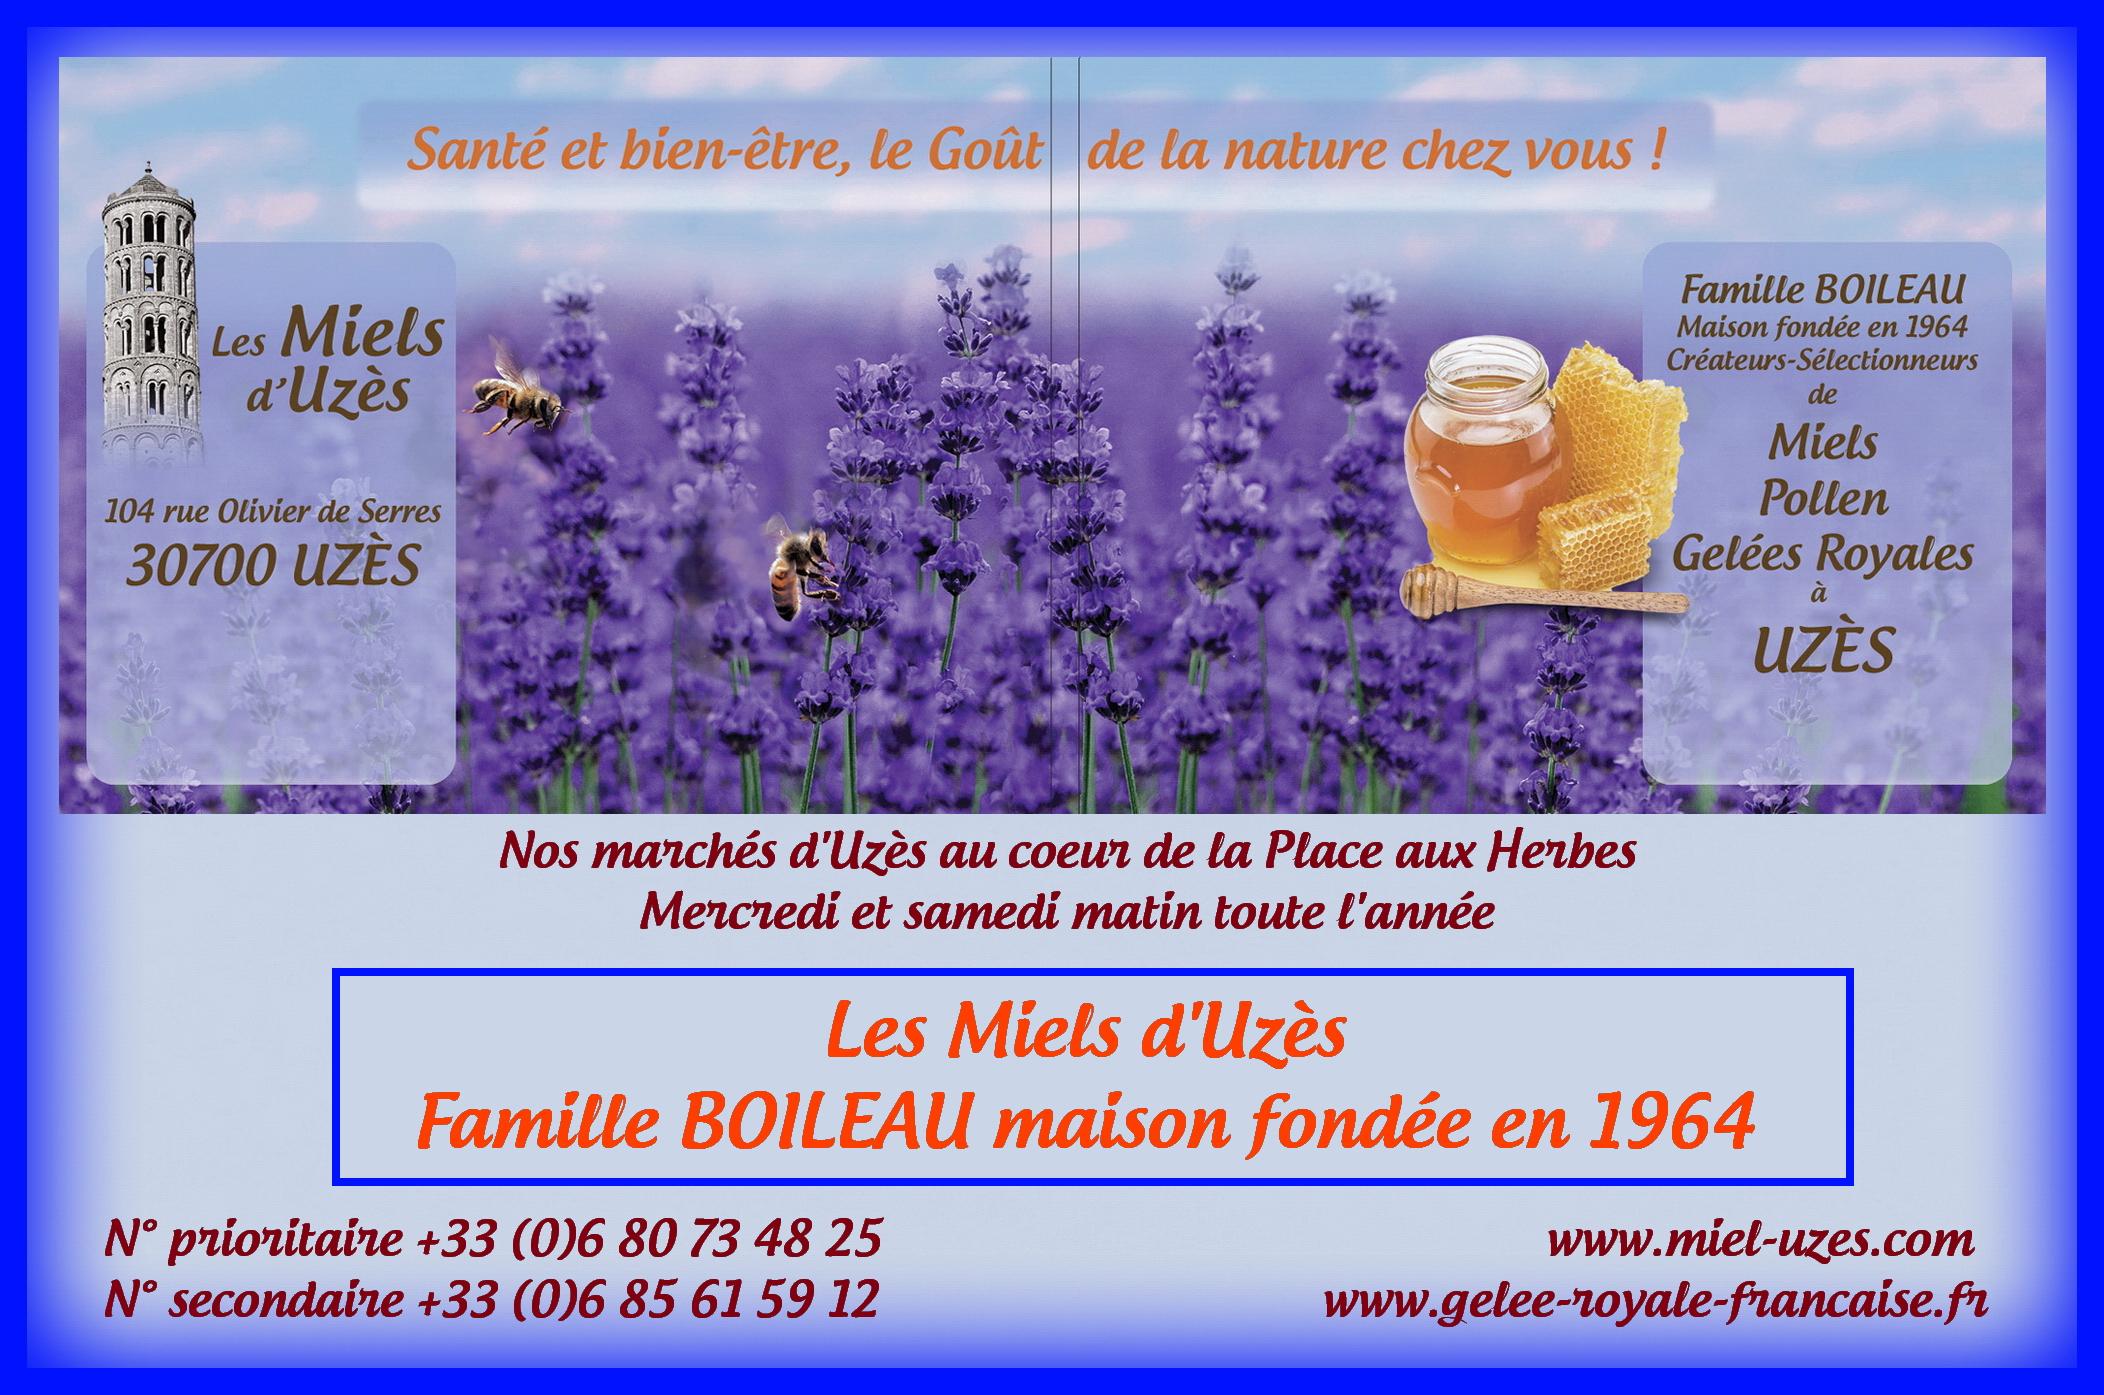 les-miels-d(uzes